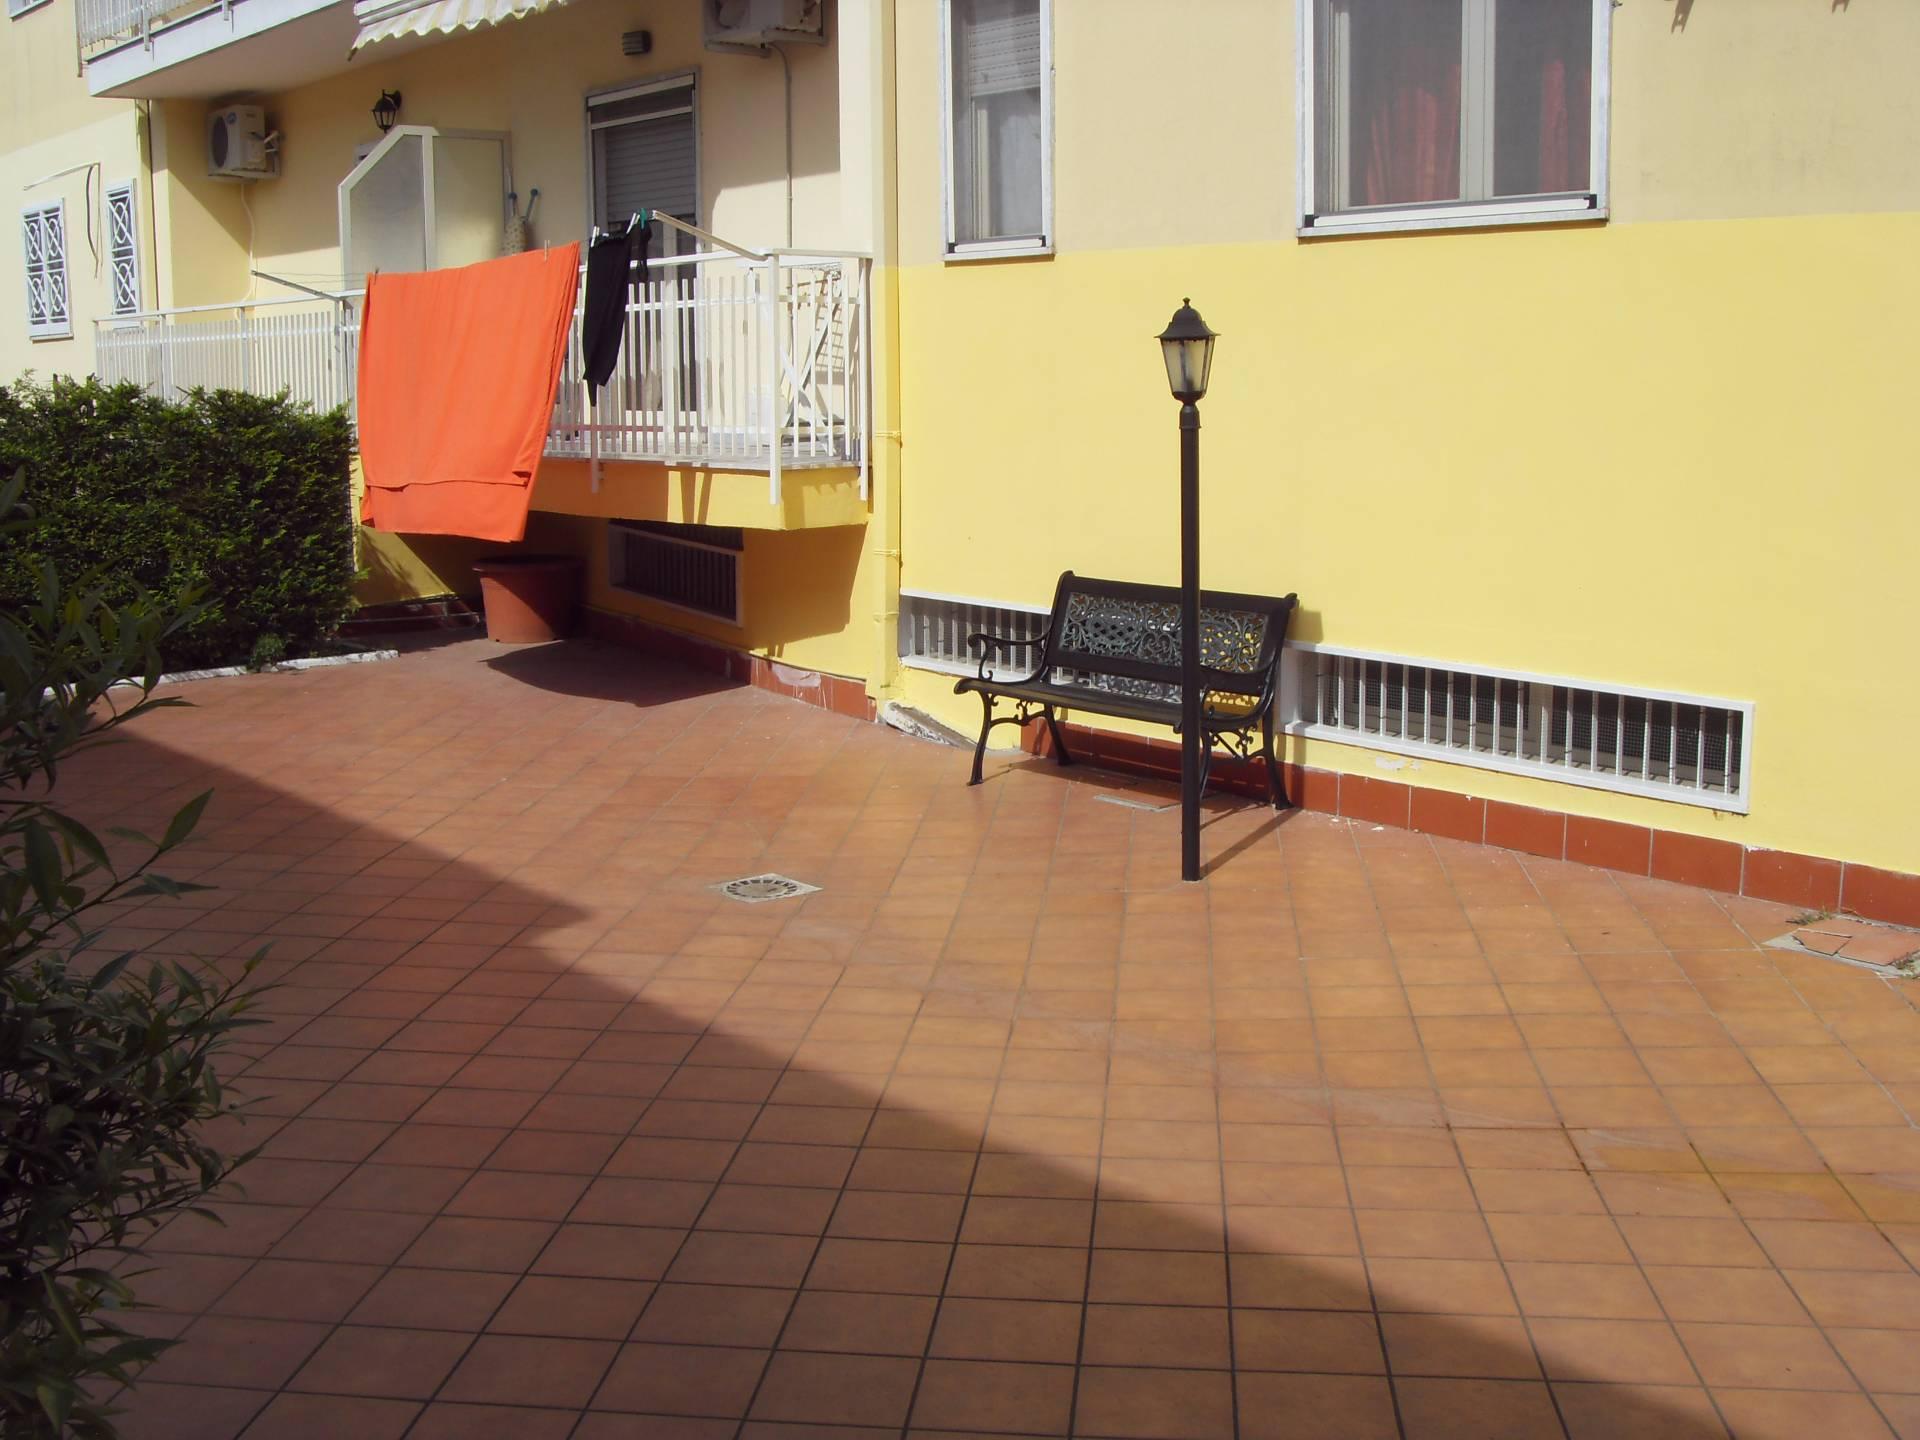 Appartamento in vendita a Qualiano, 3 locali, prezzo € 210.000 | PortaleAgenzieImmobiliari.it